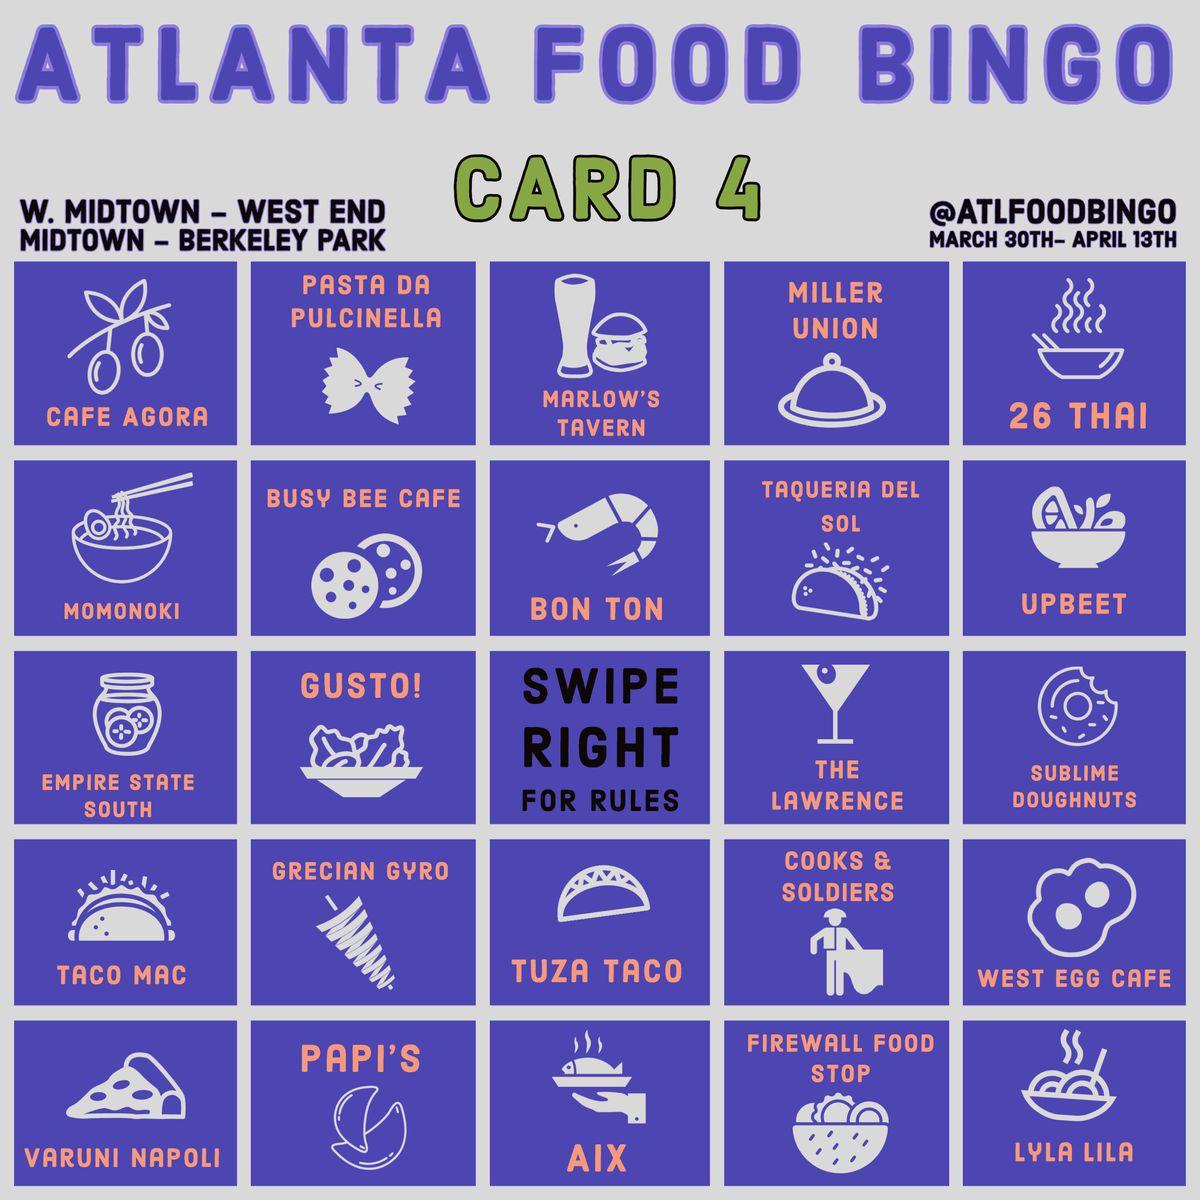 Westside Midtown Atlanta Food Bingo Card